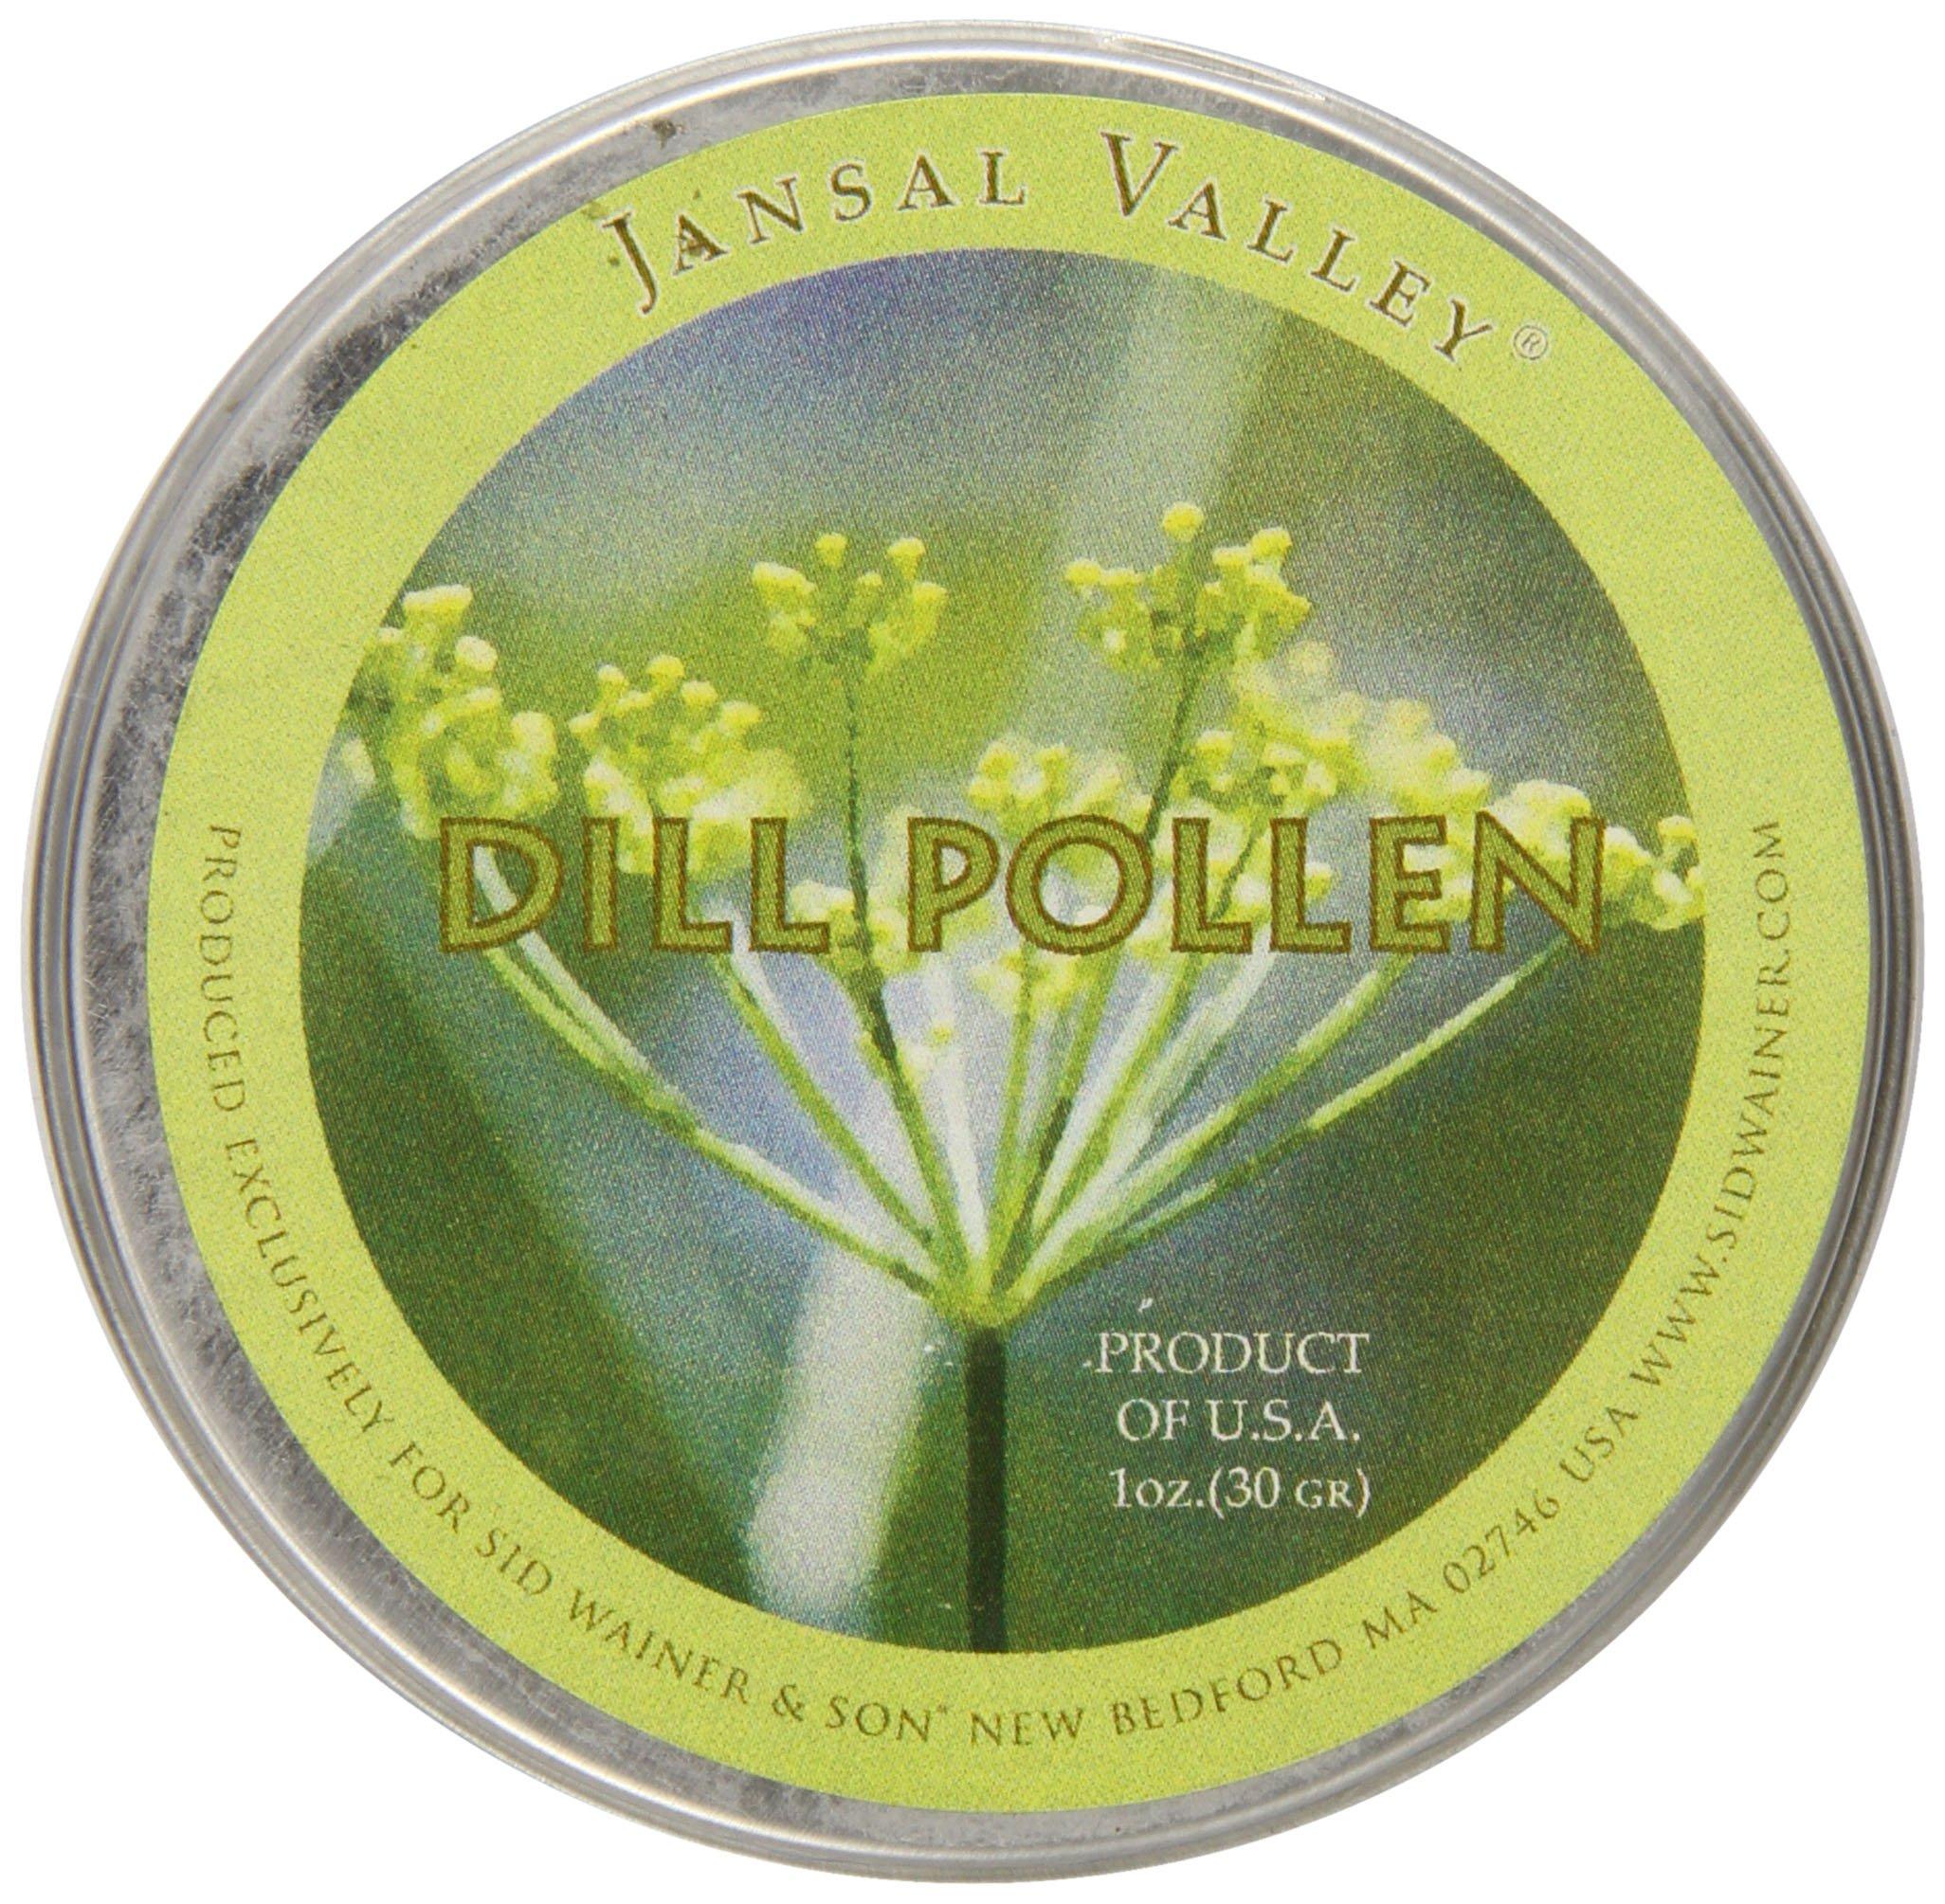 Jansal Valley Dill Pollen, 1 Ounce